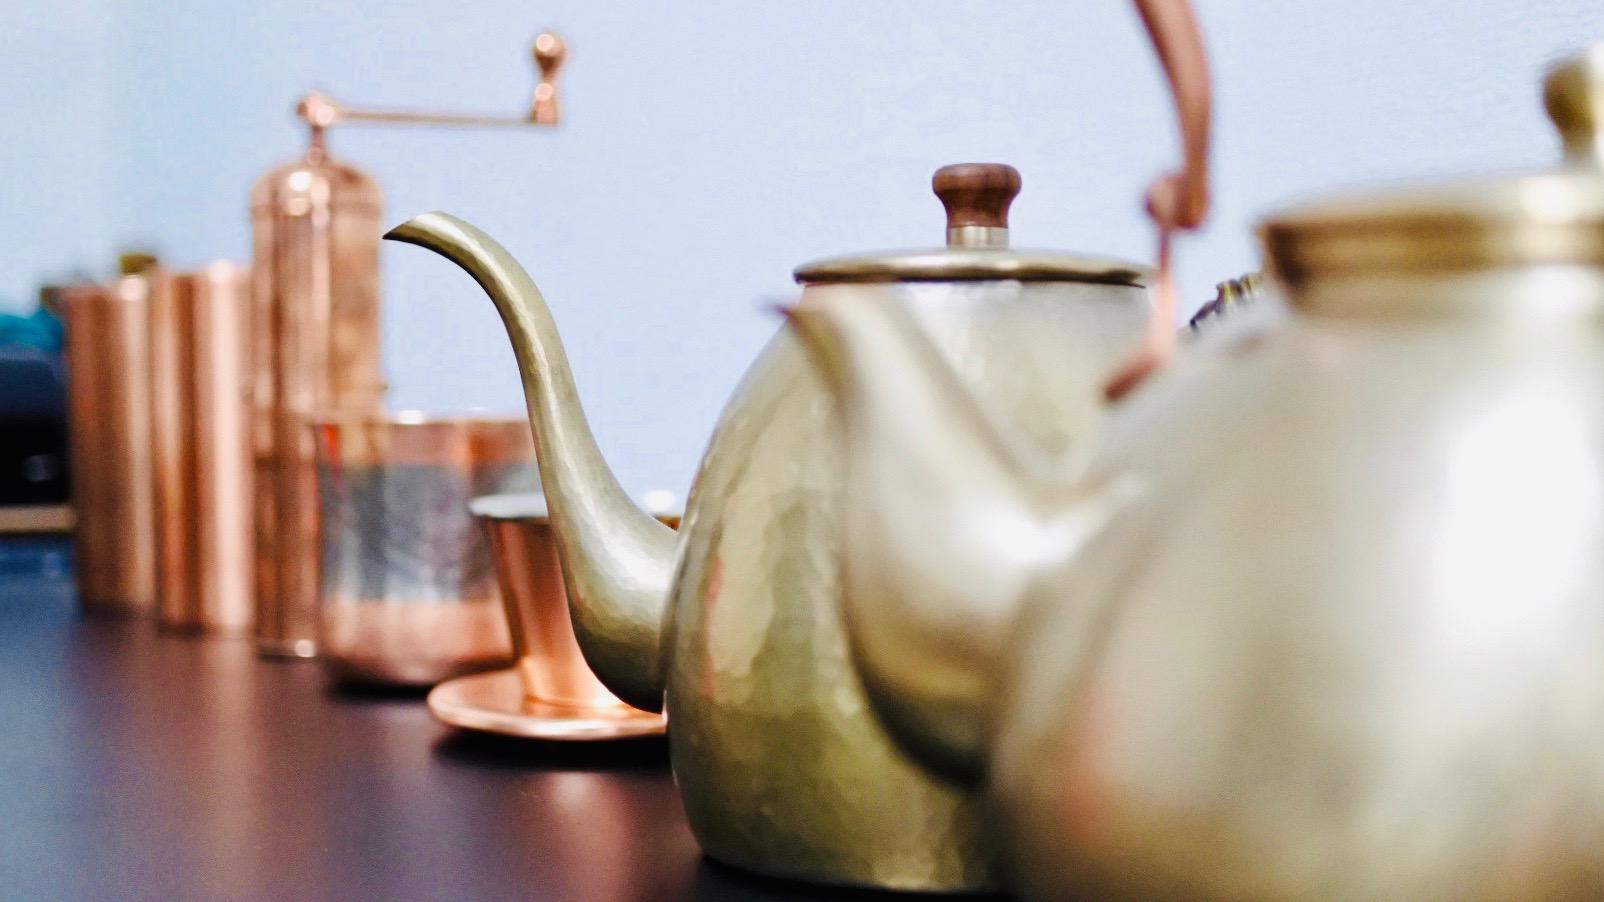 コーヒーを美味しくする魔法の道具 コーヒー銅製品の紹介